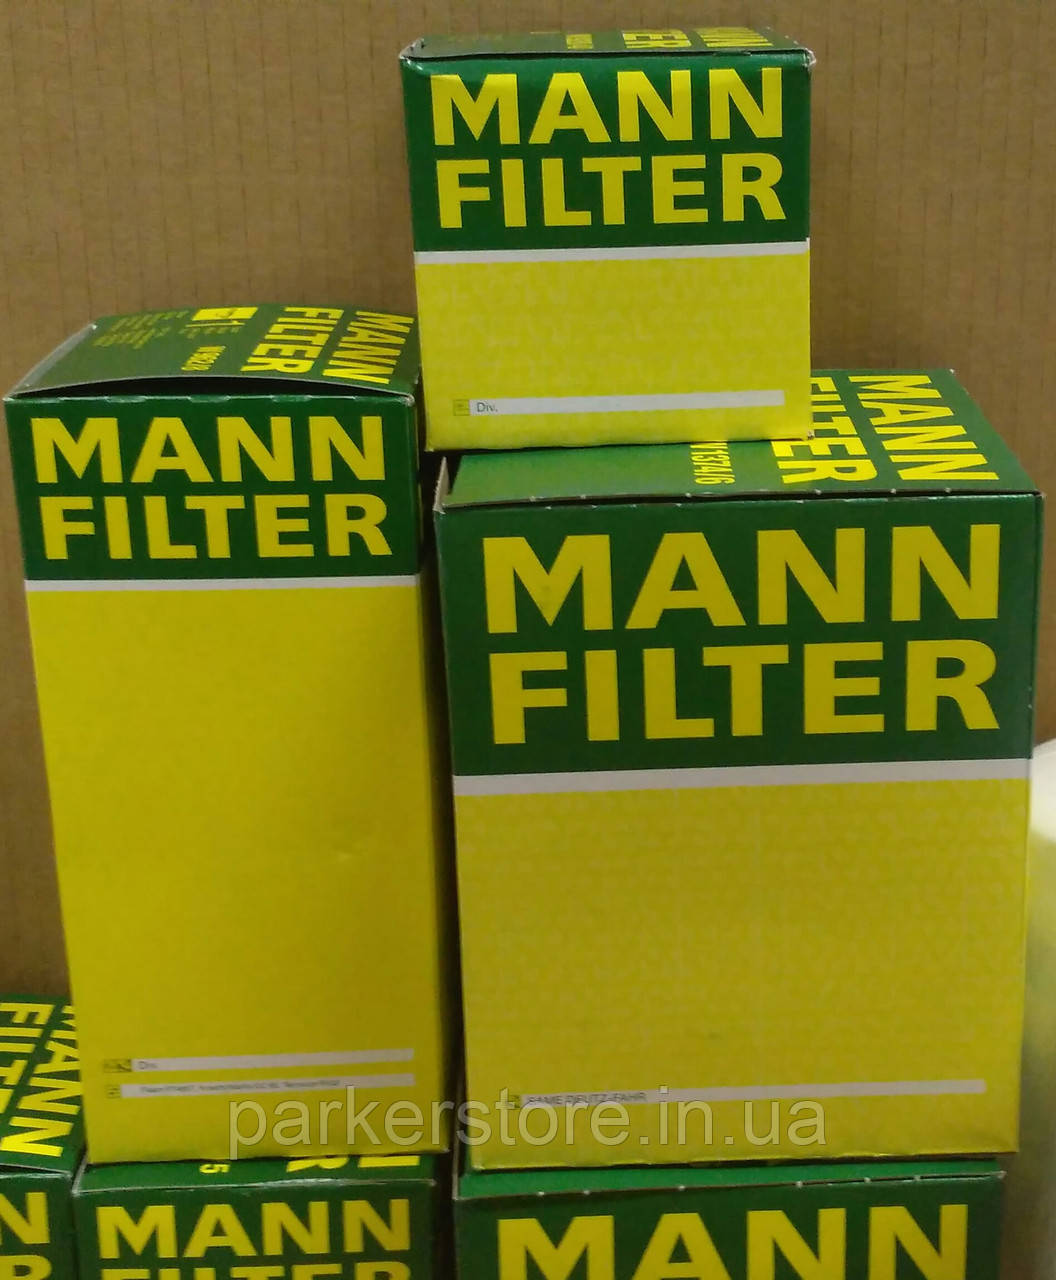 MANN FILTER / Повітряний фільтр / C 911 x-2 / C911x-2